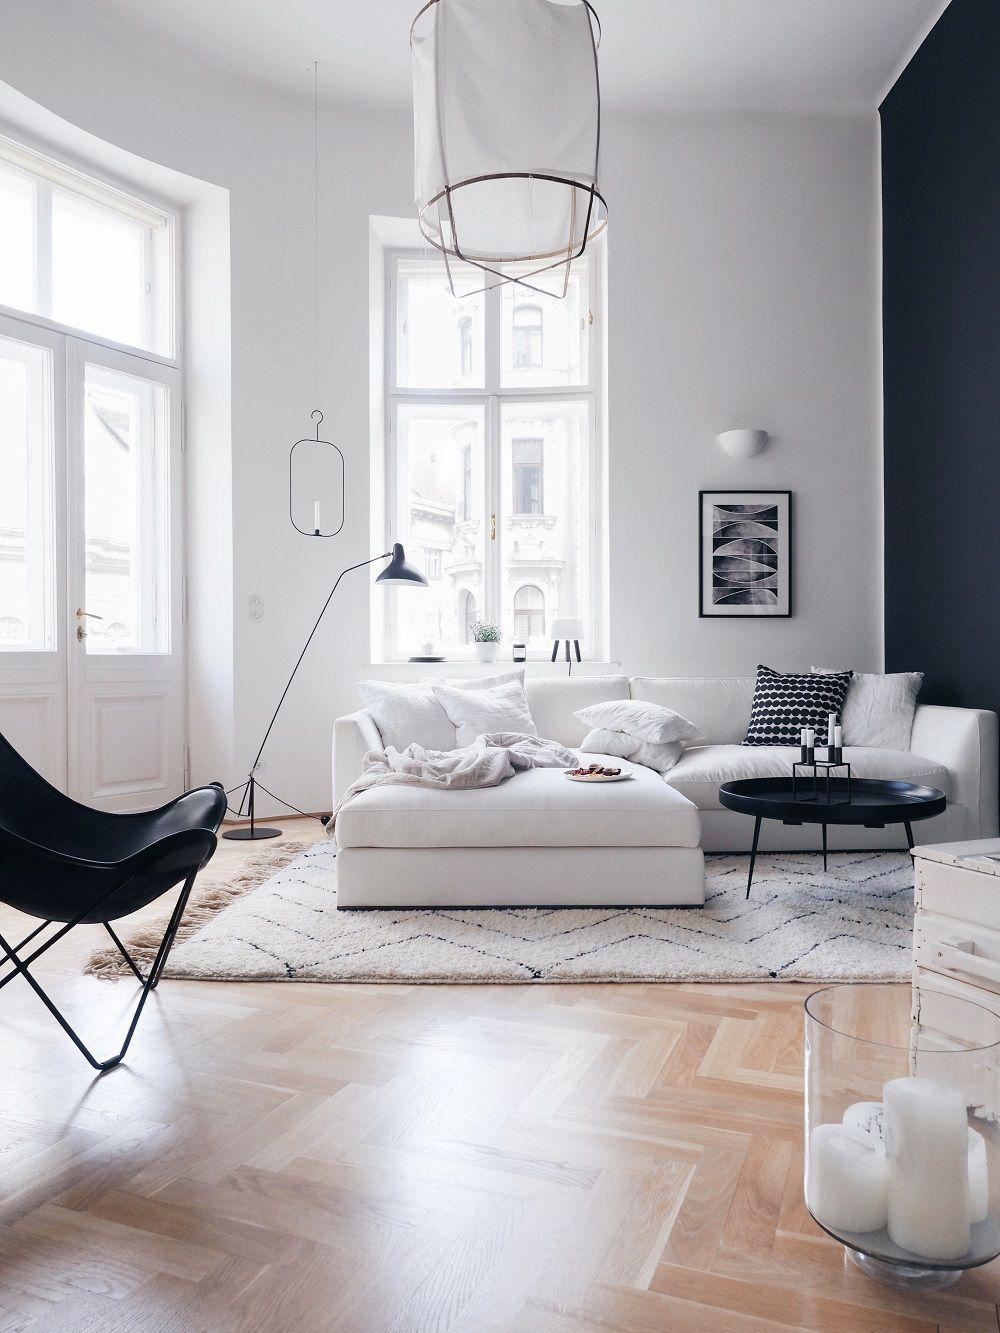 Zimmerfarbe stil nice u nordic die skandinavische zartheit ist auch in wien zu hause